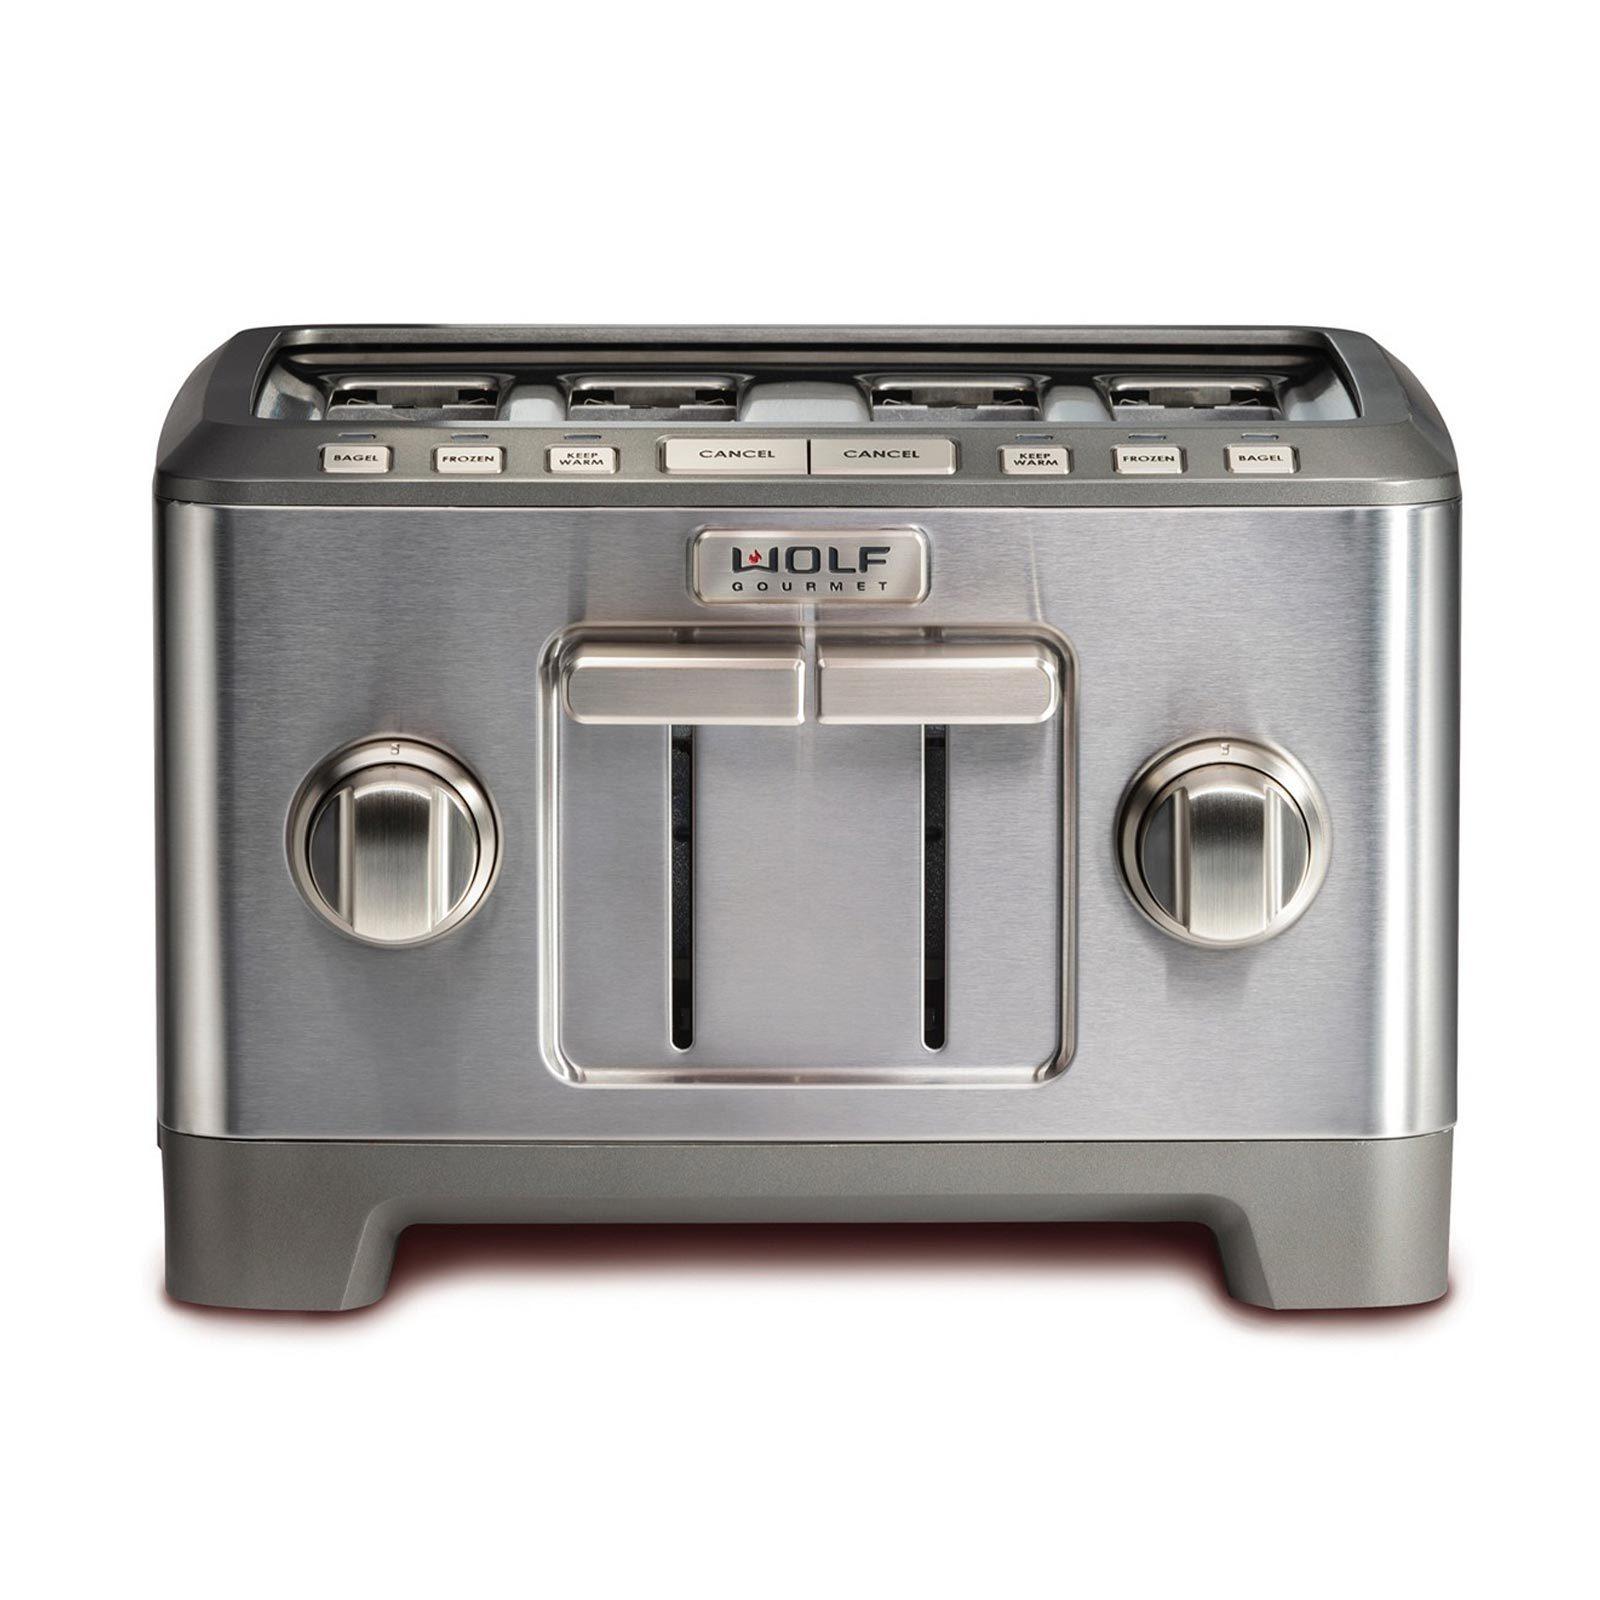 four-slice toaster